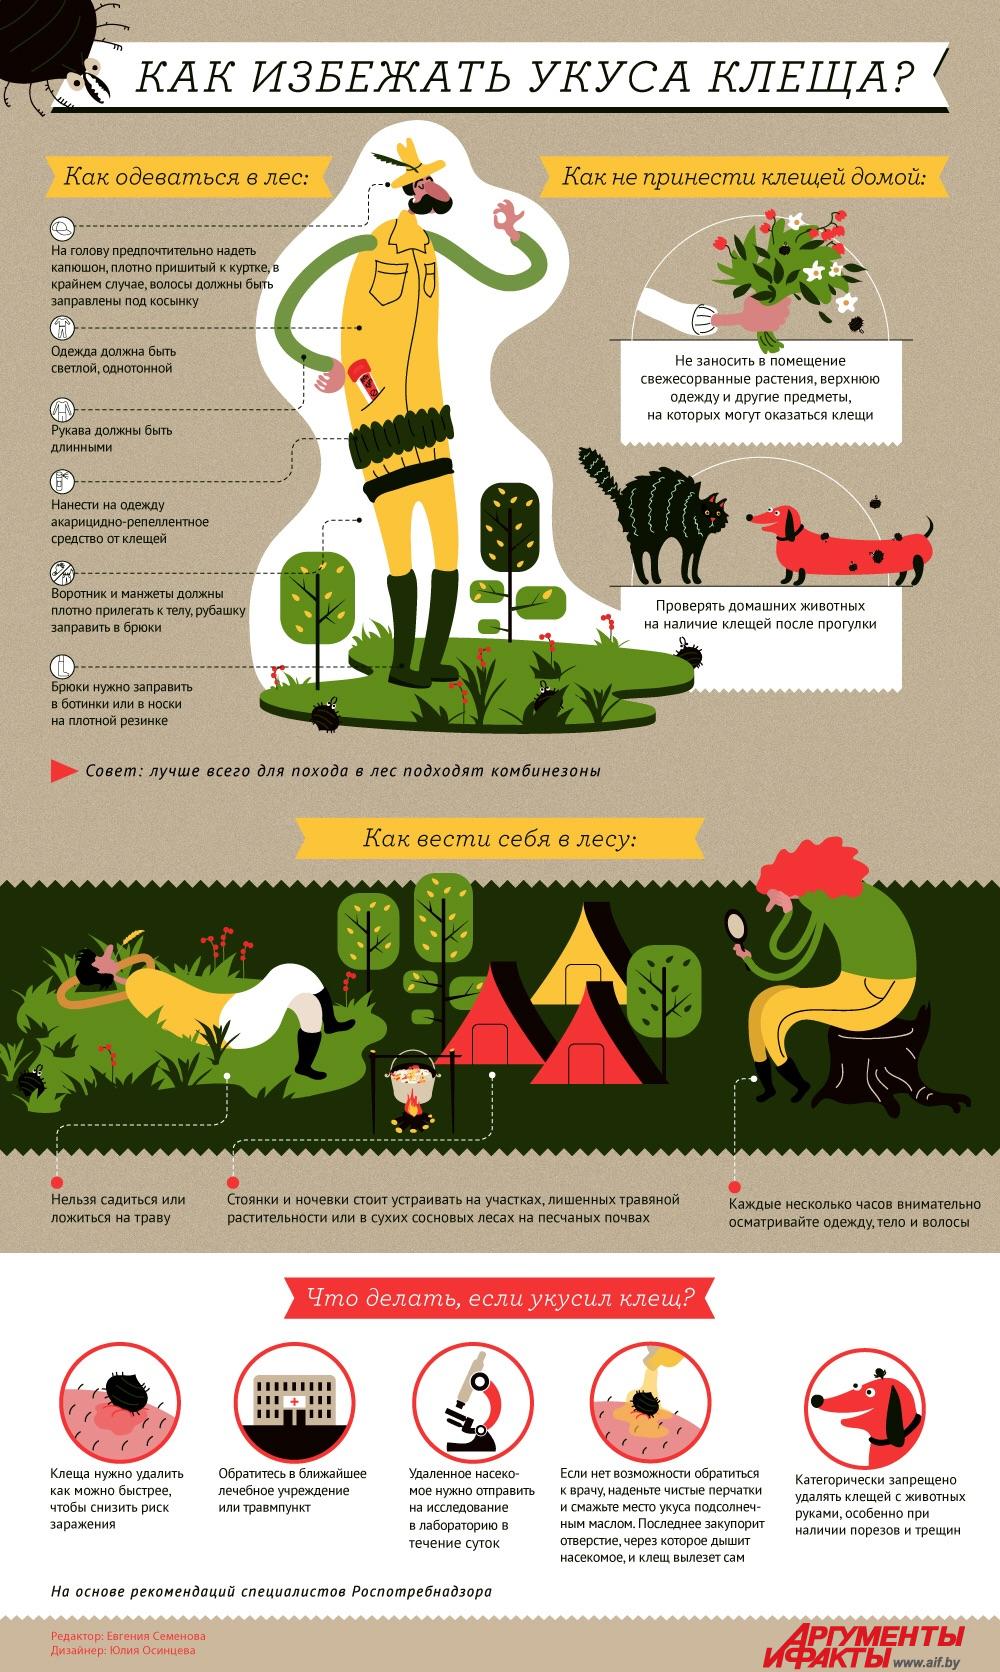 Как избежать укуса клеща? Инструкция в инфографике